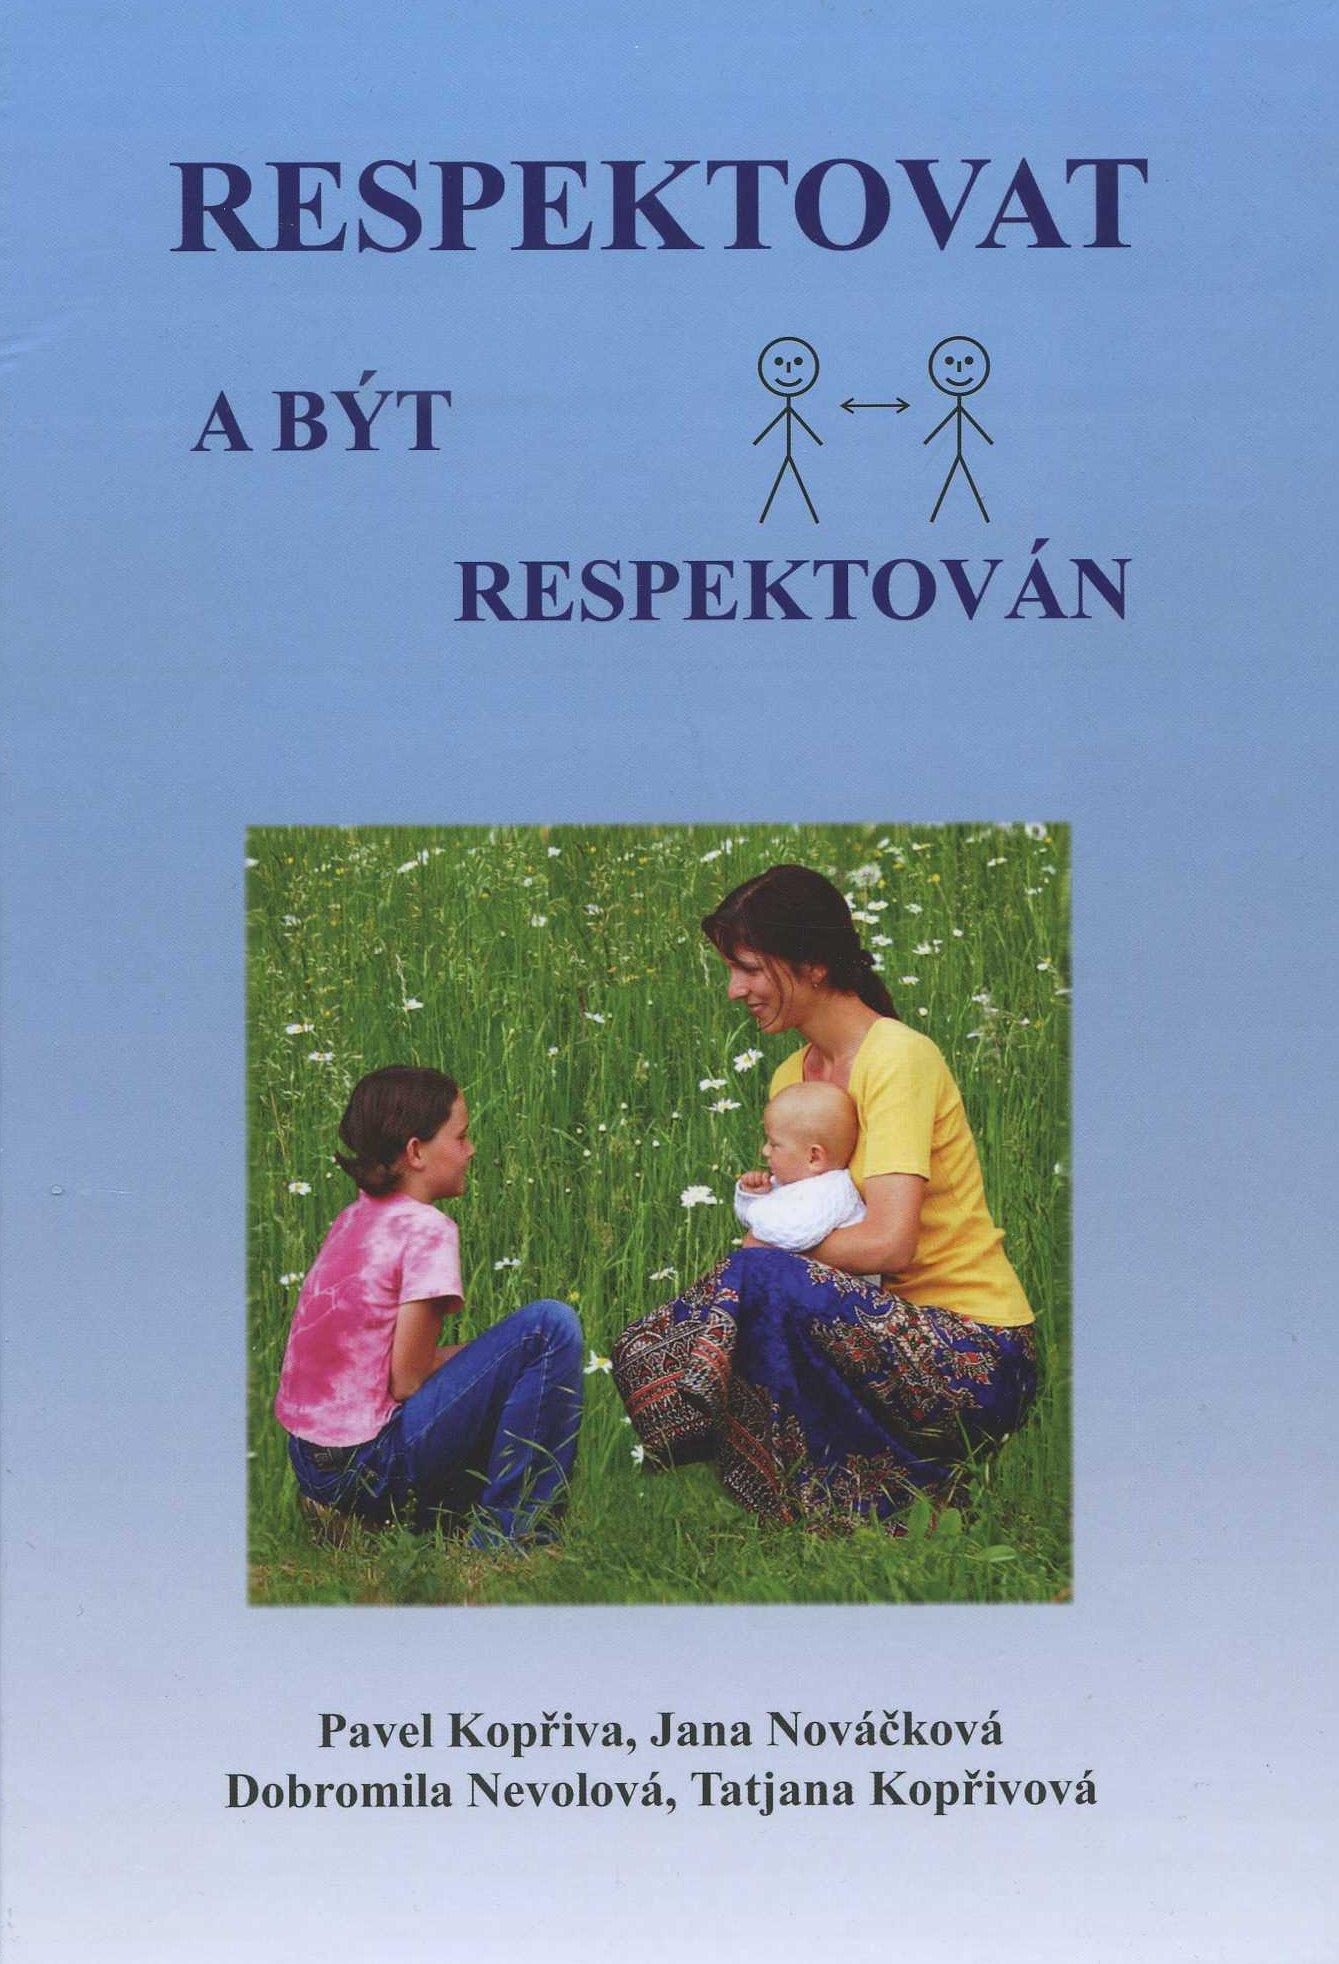 Respektovat a být respektován - Pavel Kopřiva, Jana Nováčková,Dobromila Nevolová,Tatjana Kopřivová